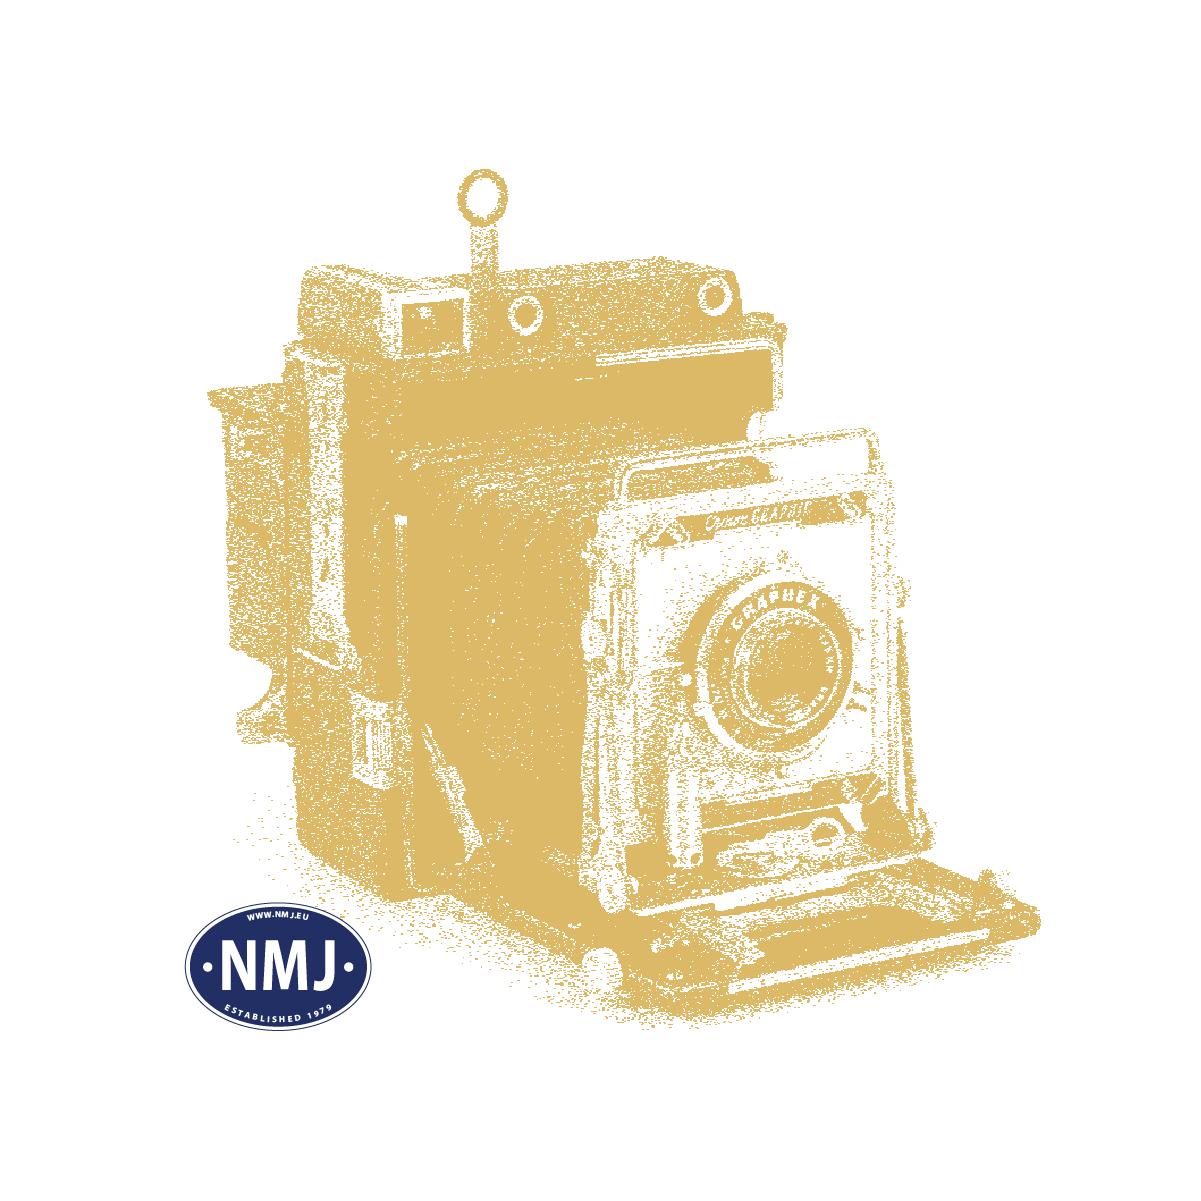 NOC15279 - Jernbanepersonell, Skifting